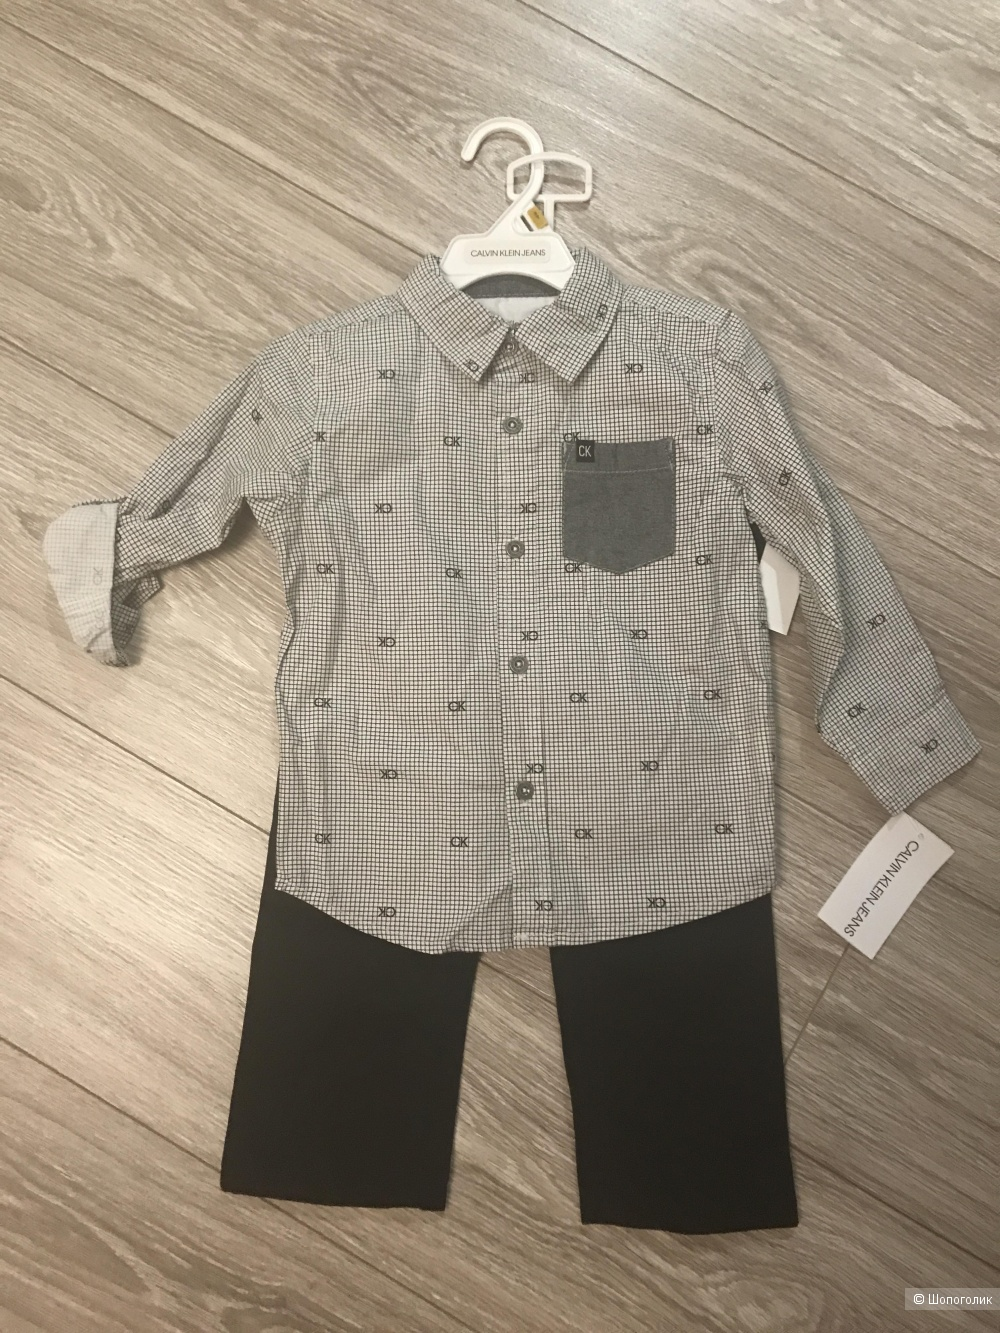 Брюки и рубашка Calvin Klein, размер 3 (98-104)